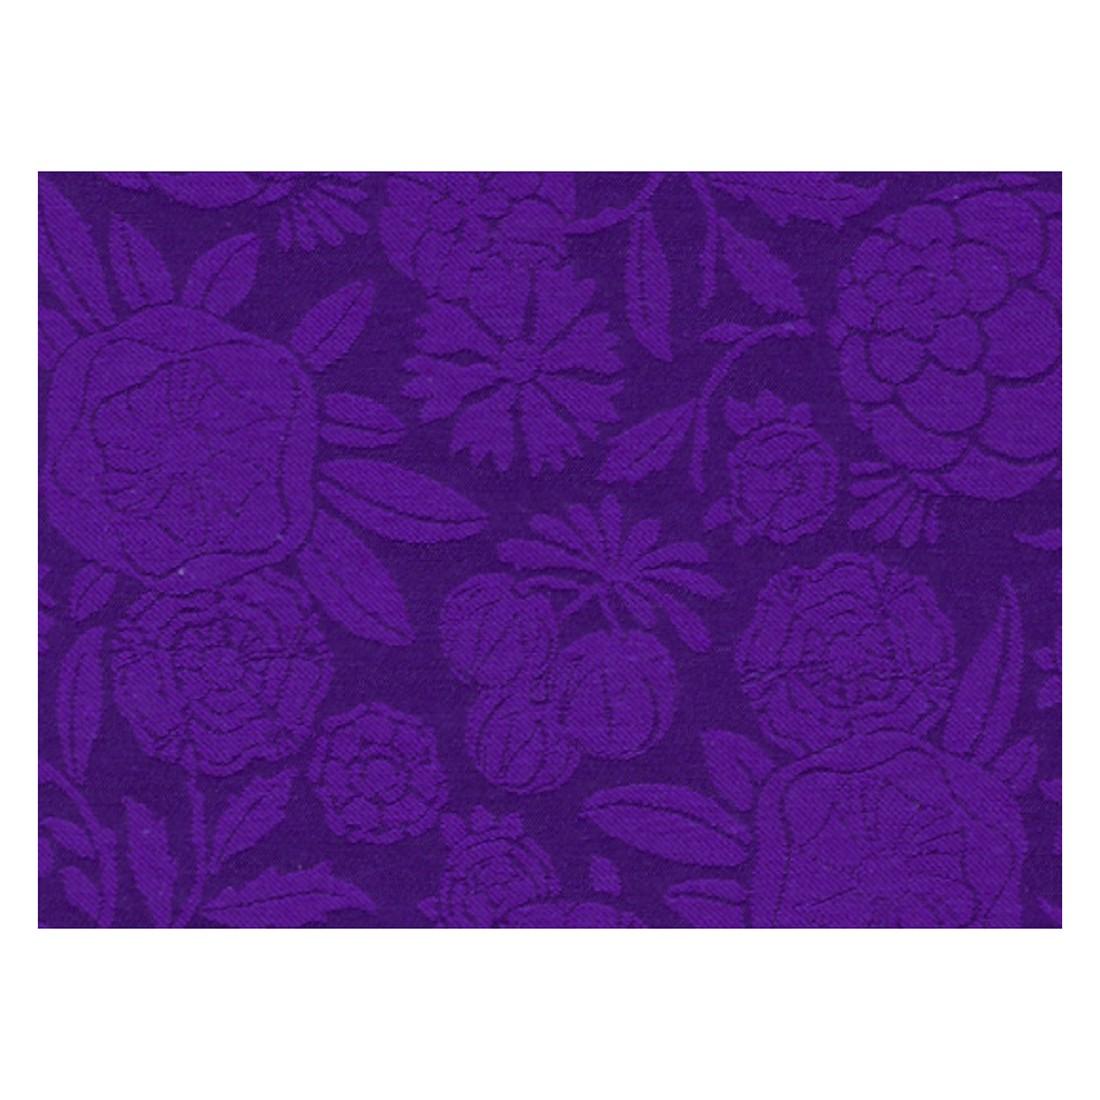 Tischset Flora (2er-Set) – Purple, Villeroy&Boch günstig bestellen